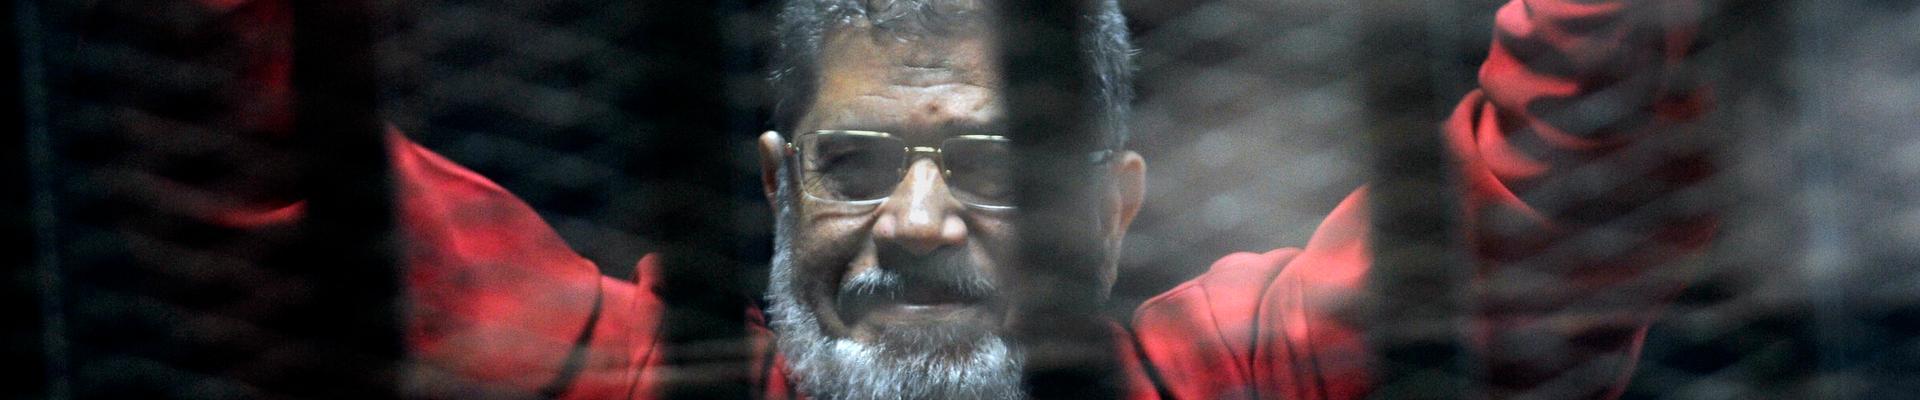 Egypt's Morsi dies